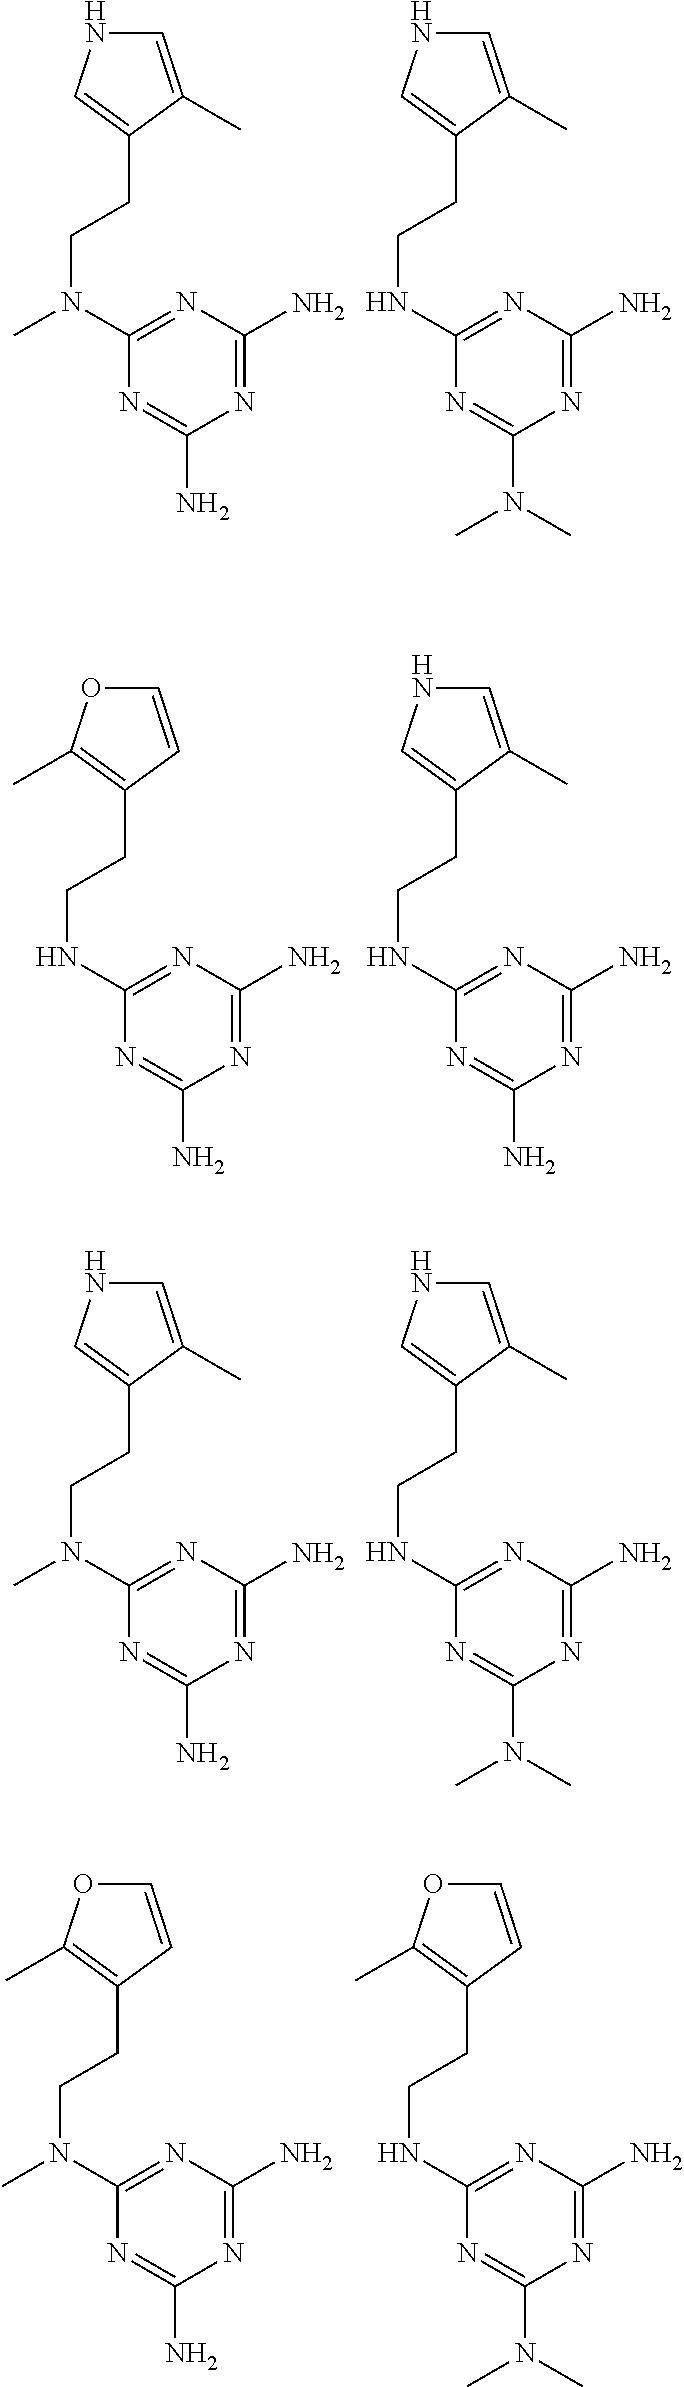 Figure US09480663-20161101-C00147